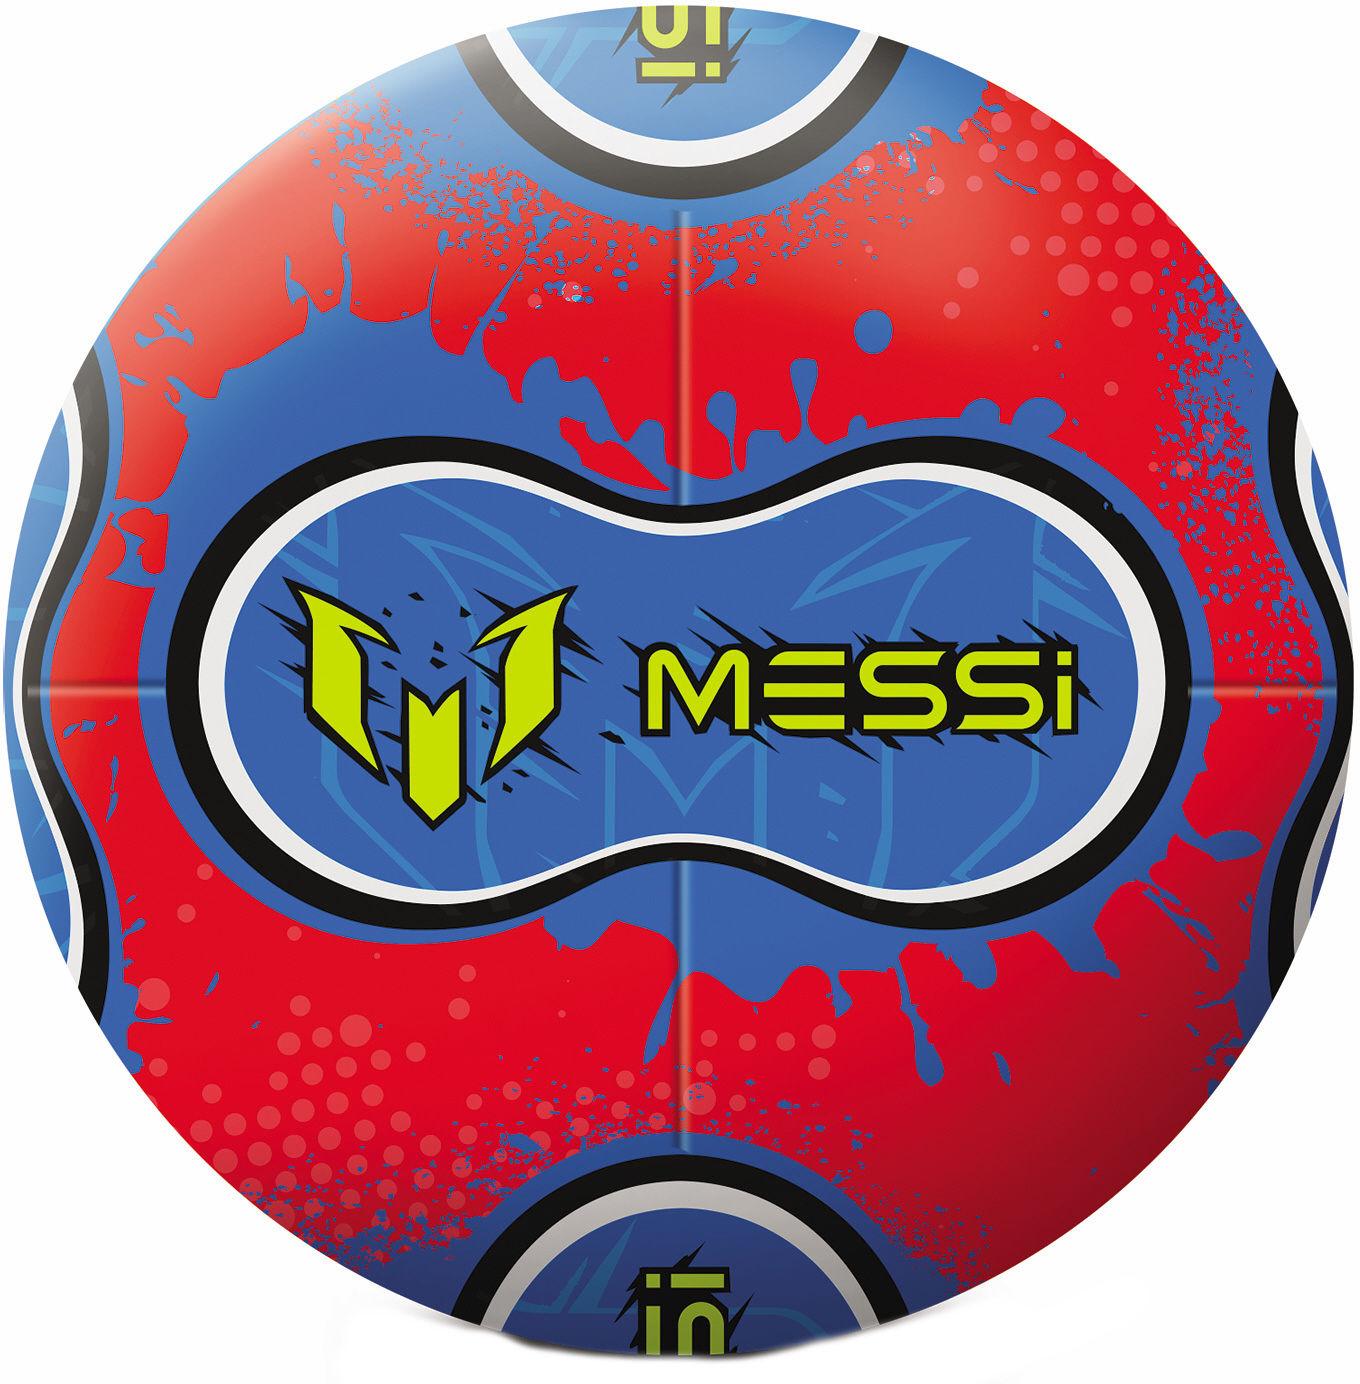 Piłka nepronowa Messi intensywny trening Dumel 21cm MK0072A1  czerwony